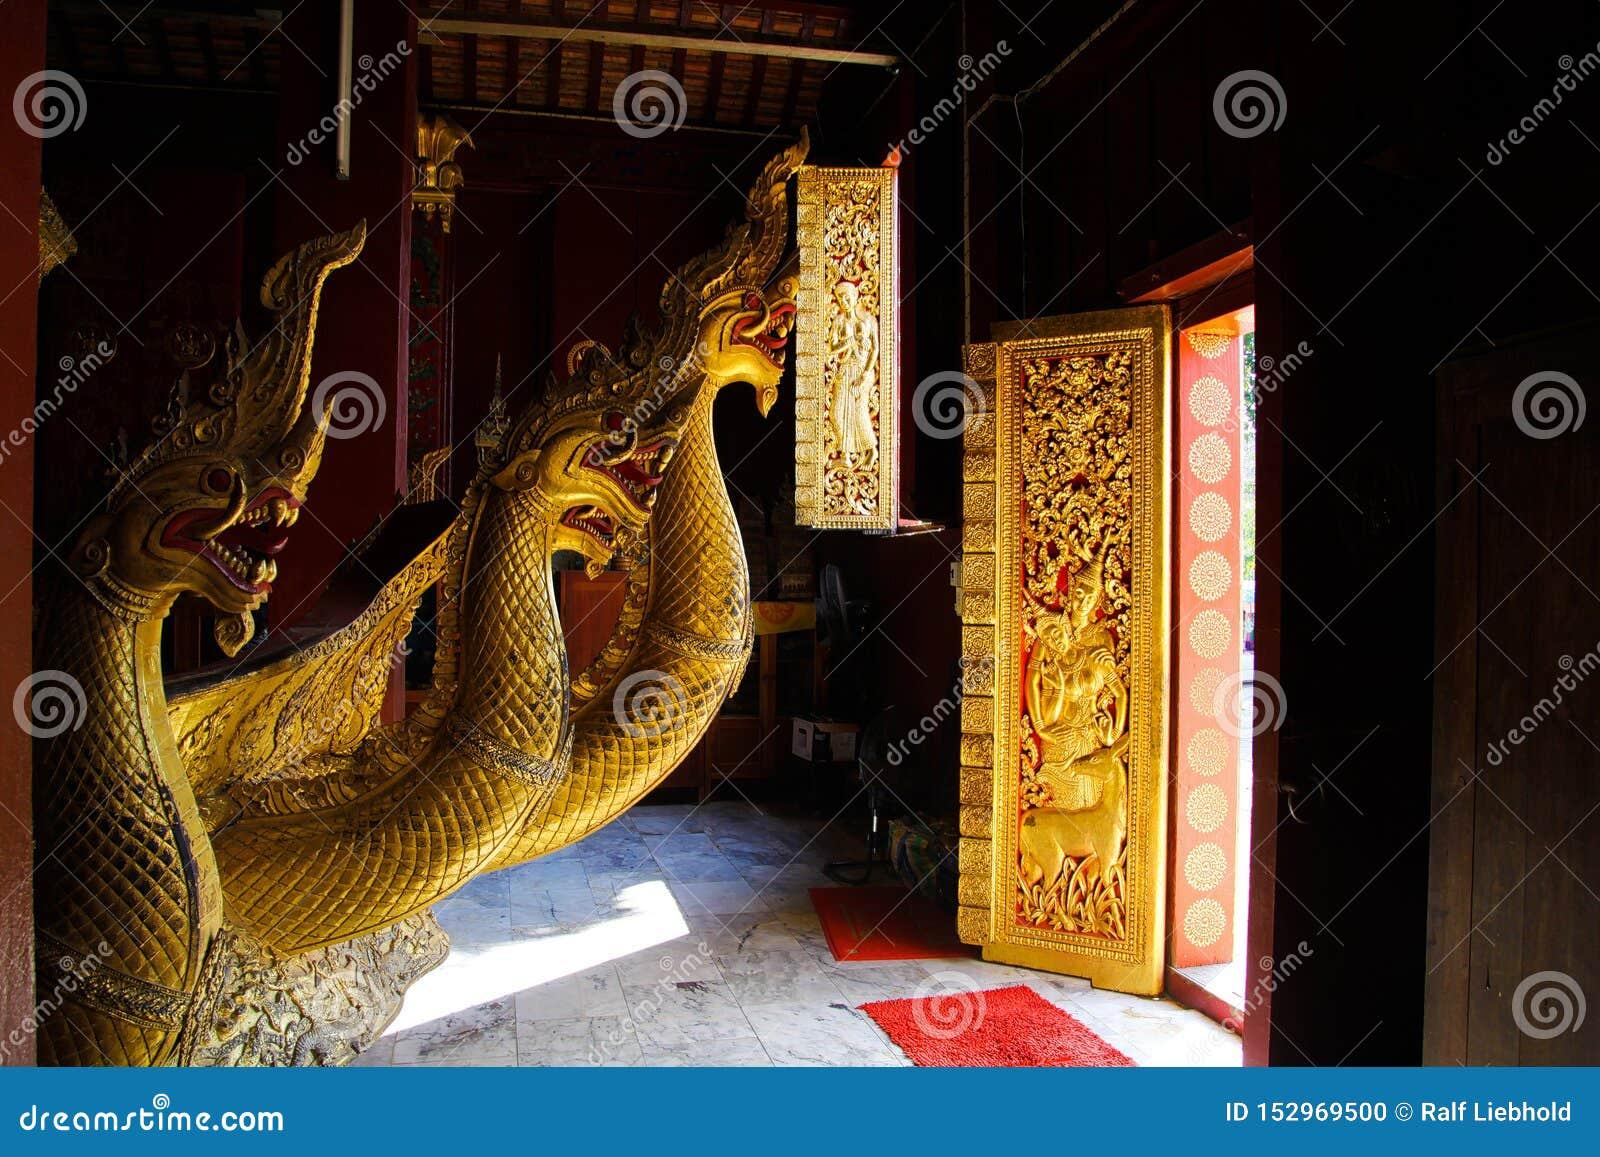 CINGHIA DI LUANG PRABANG WAT XIENG, LAOS - 17 DICEMBRE 2017: Statue del drago dentro il tempio illuminato da luce solare naturale